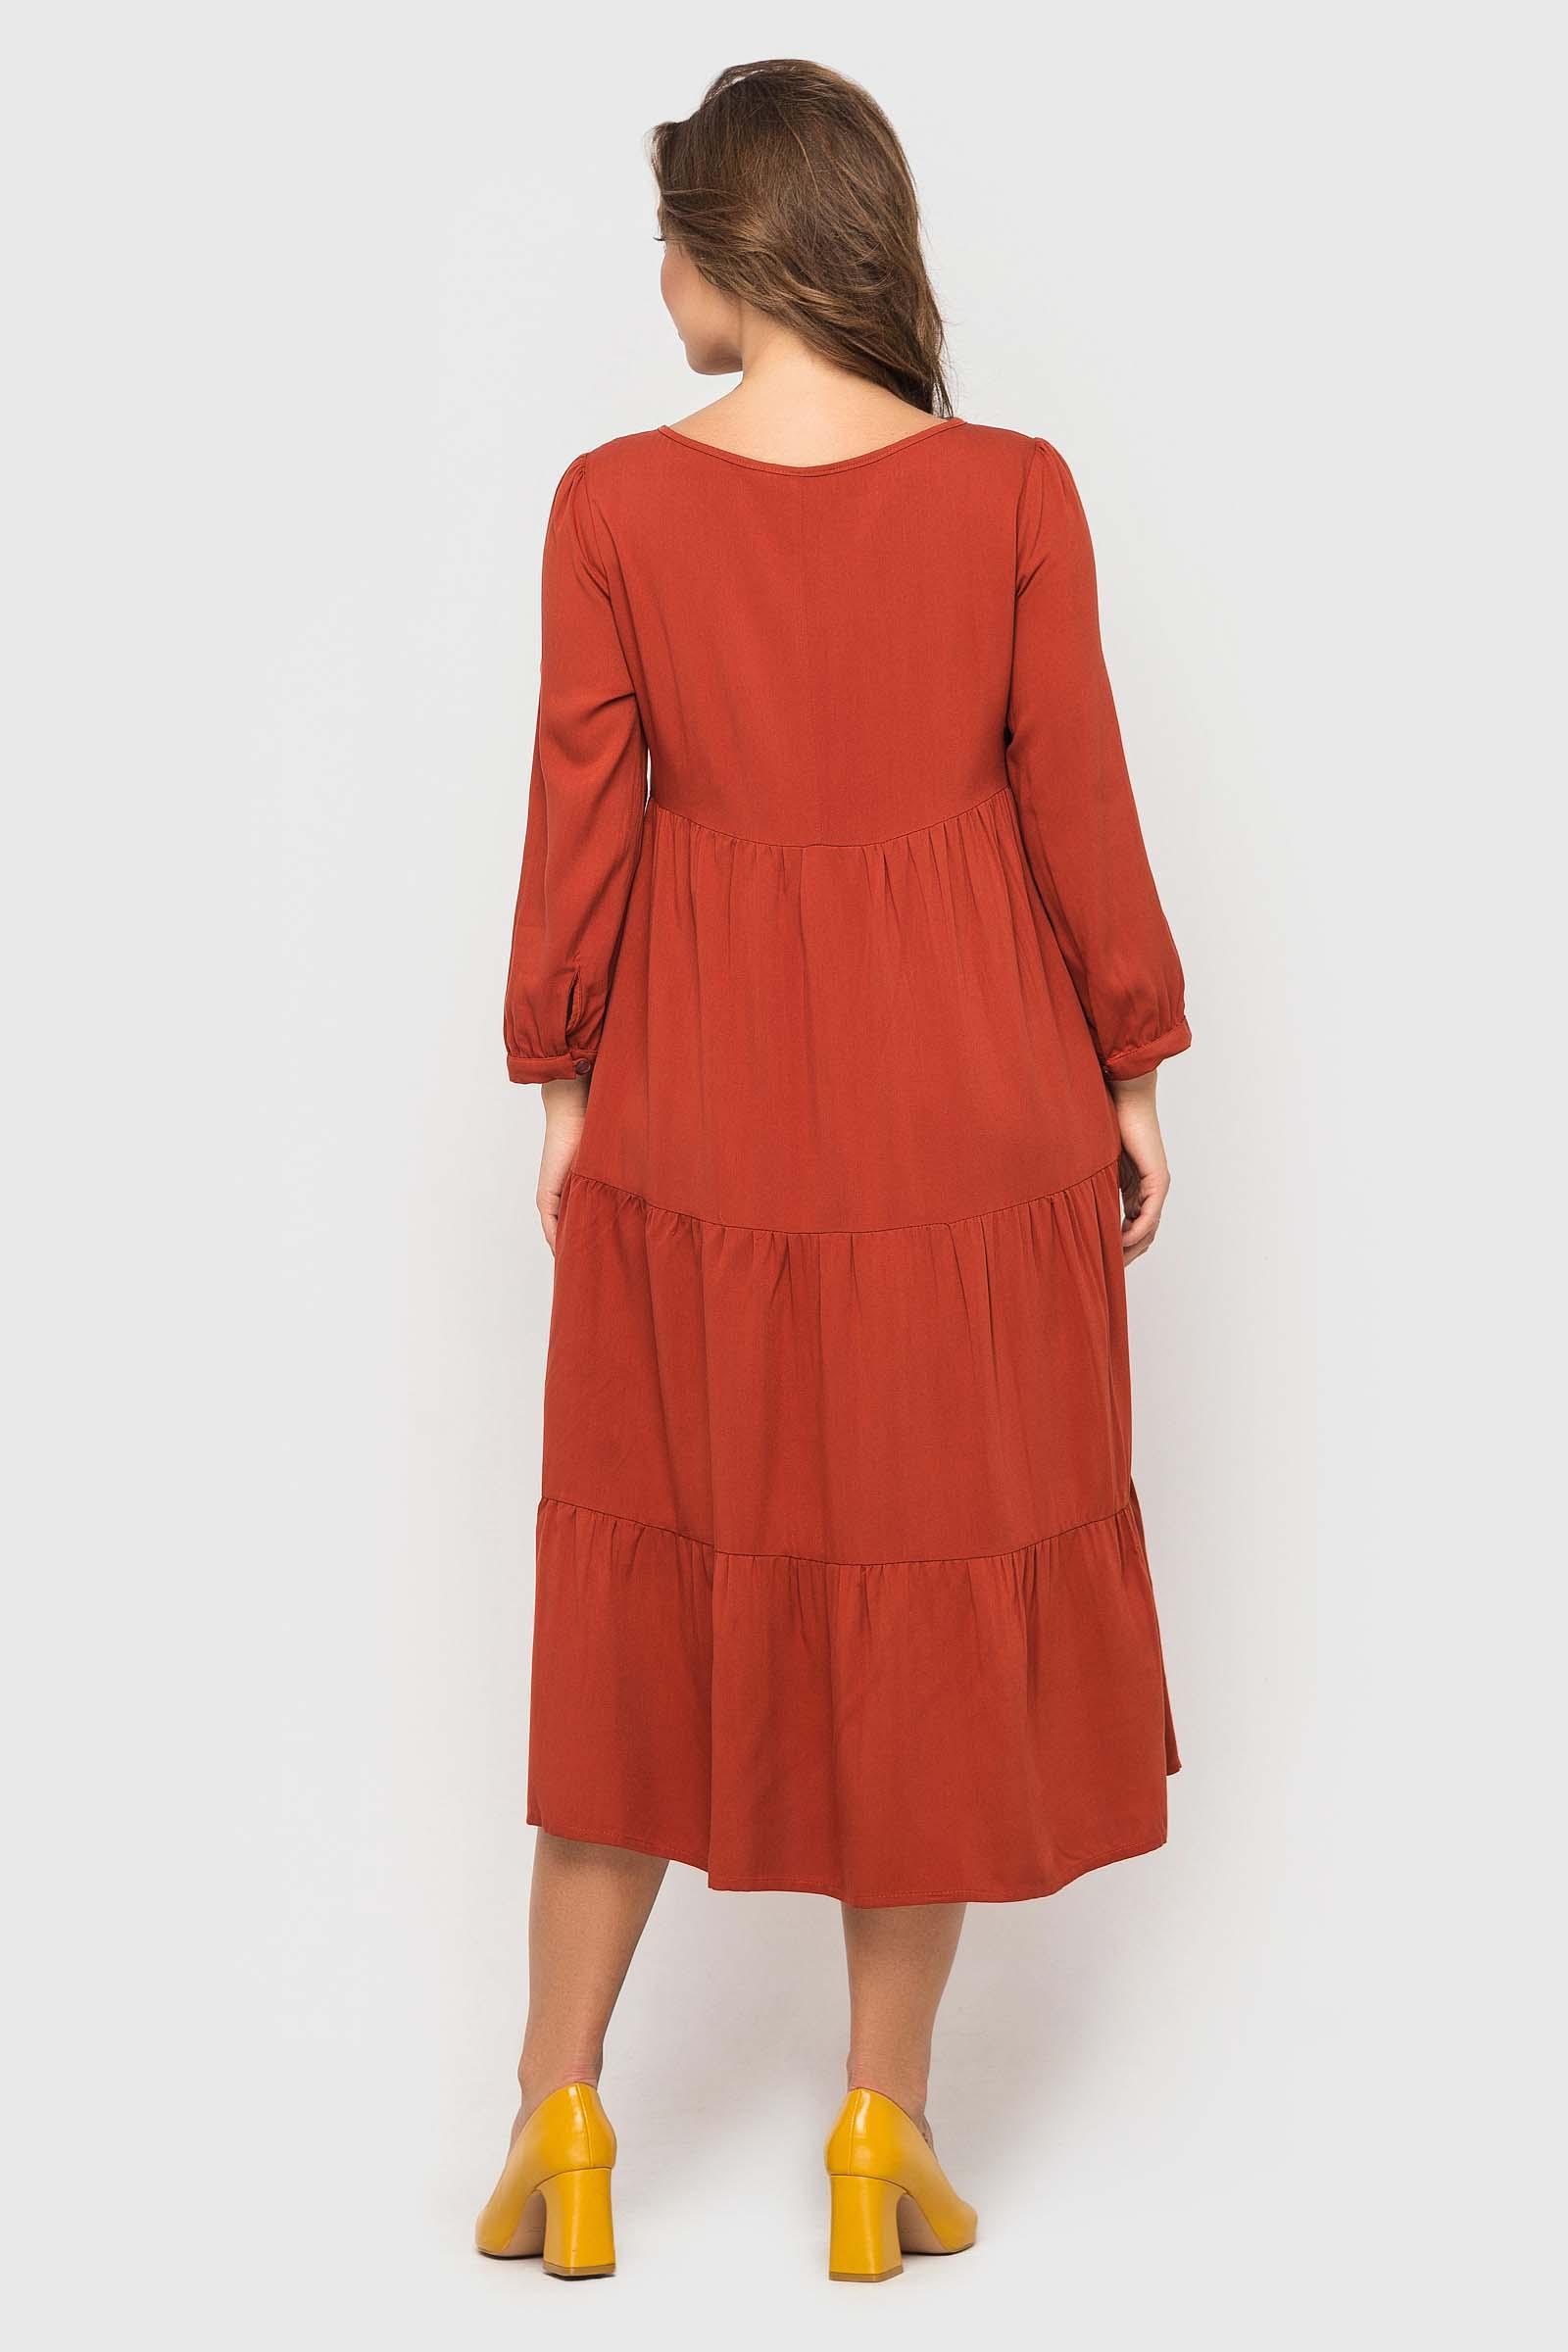 be art 2020 02 24157063 Купить платье